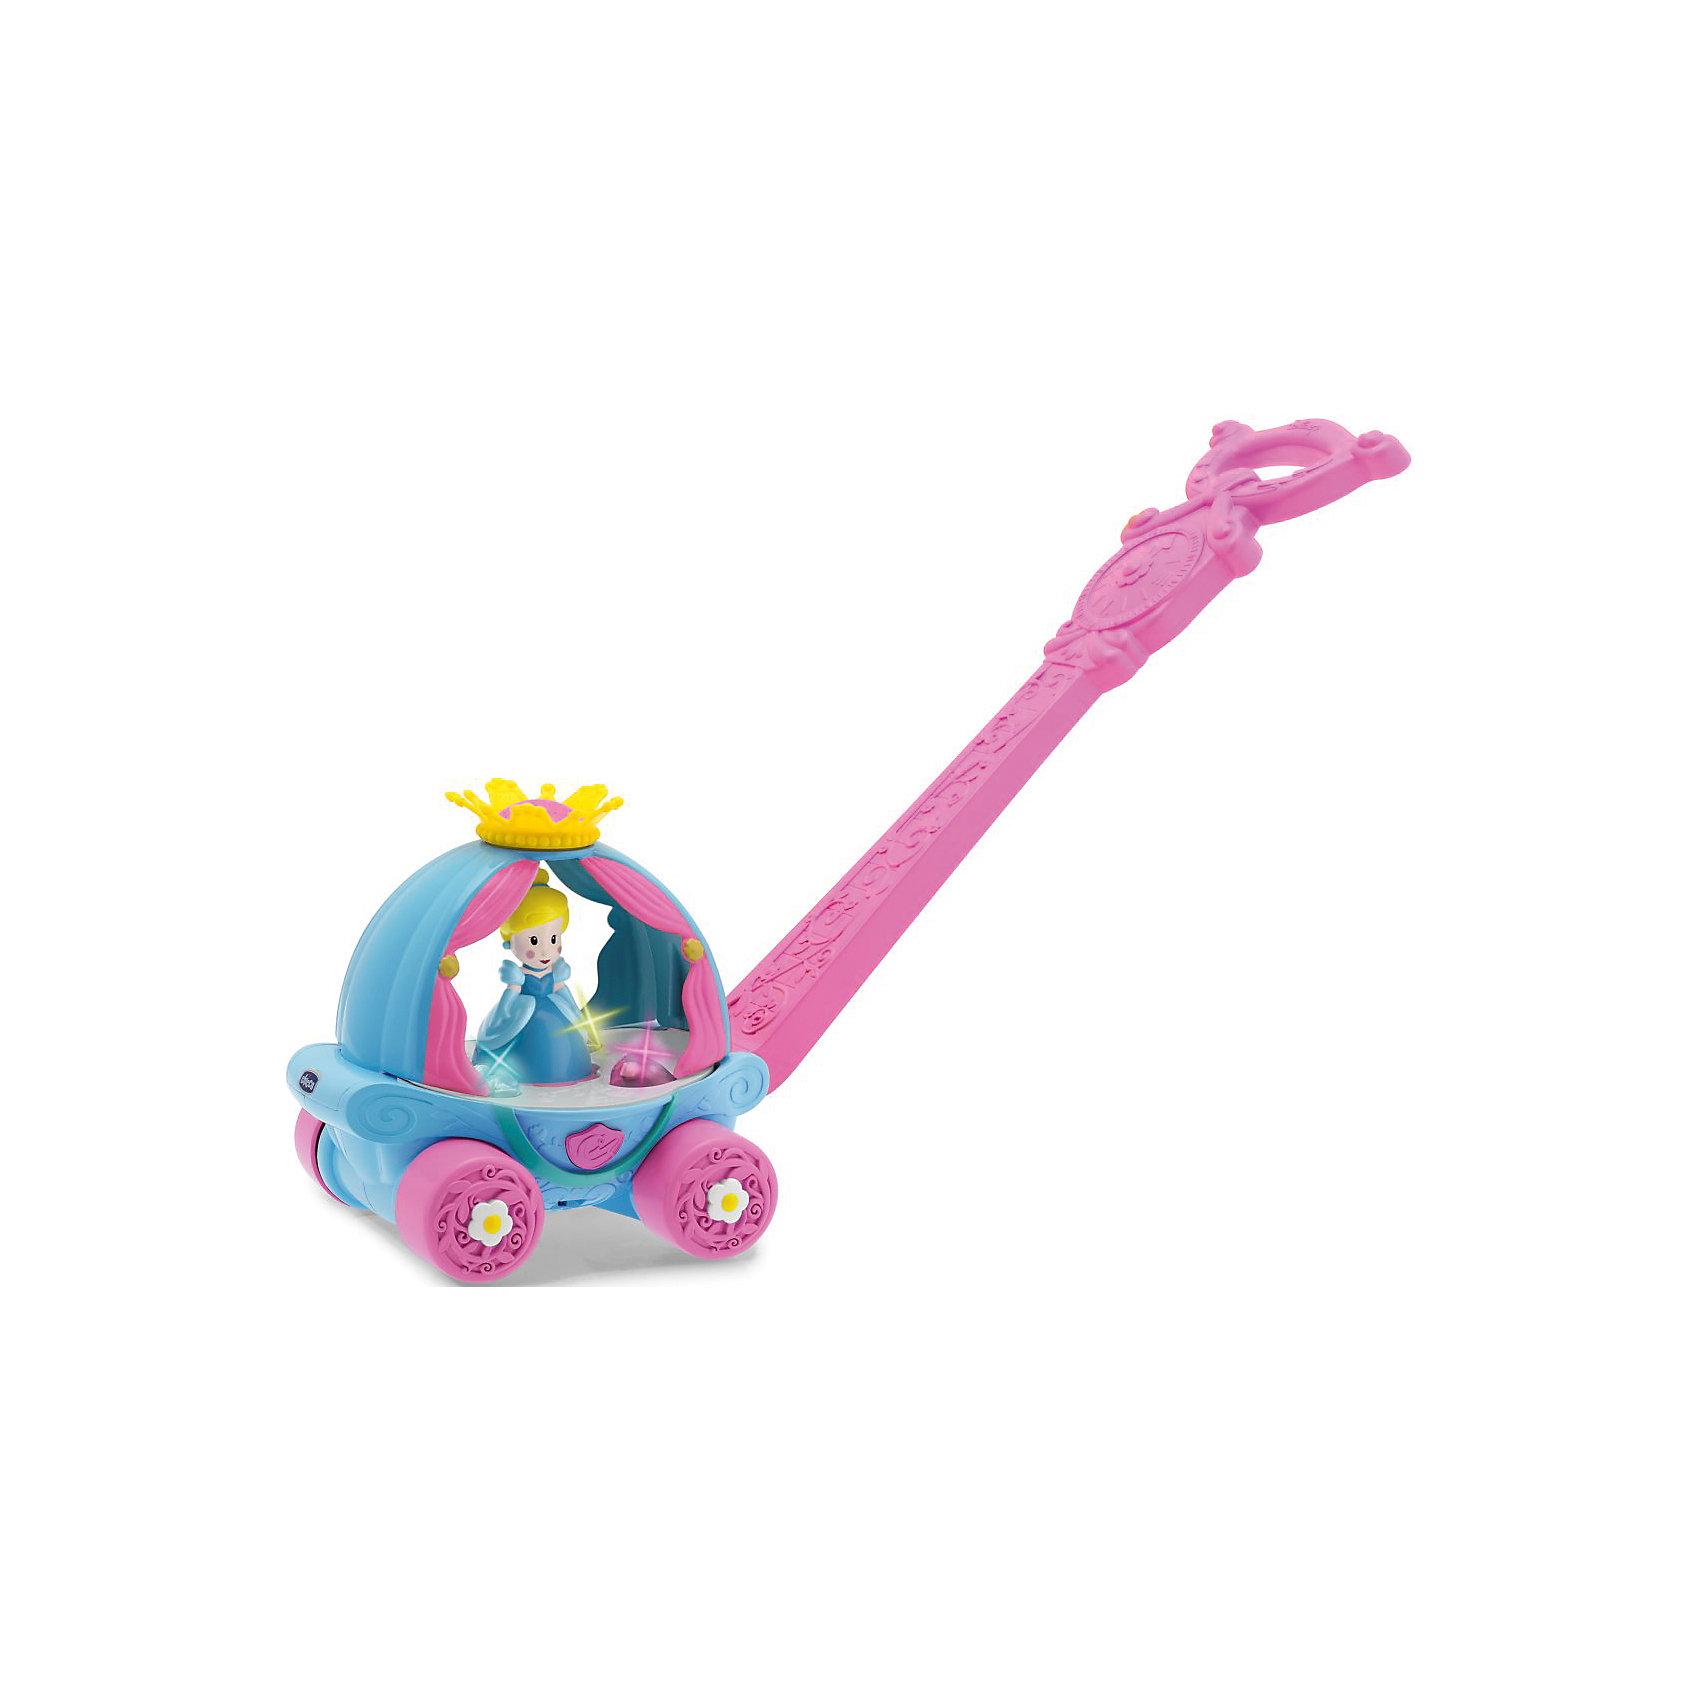 Игрушка Волшебная Карета Золушки, ChiccoChicco представляет новую игрушку «Волшебная карета Золушки», которая стимулирует вашего ребенка делать как можно больше шажков, благодаря световым эффектам и мелодиям, которые активируются, когда малышка начинает толкать карету.<br>Как только ваша малышка толкнет карету, огоньки засияют, а Золушка начнет кружиться в танце под чарующую мелодию. Декорированную ручку кареты можно регулировать по высоте. А еще ее можно снять – и продолжить играть с каретой на колесиках. Игрушку без ручки можно использовать, даже когда ребенок подрастет.<br><br>Ширина мм: 215<br>Глубина мм: 185<br>Высота мм: 423<br>Вес г: 783<br>Возраст от месяцев: 12<br>Возраст до месяцев: 36<br>Пол: Женский<br>Возраст: Детский<br>SKU: 5105201